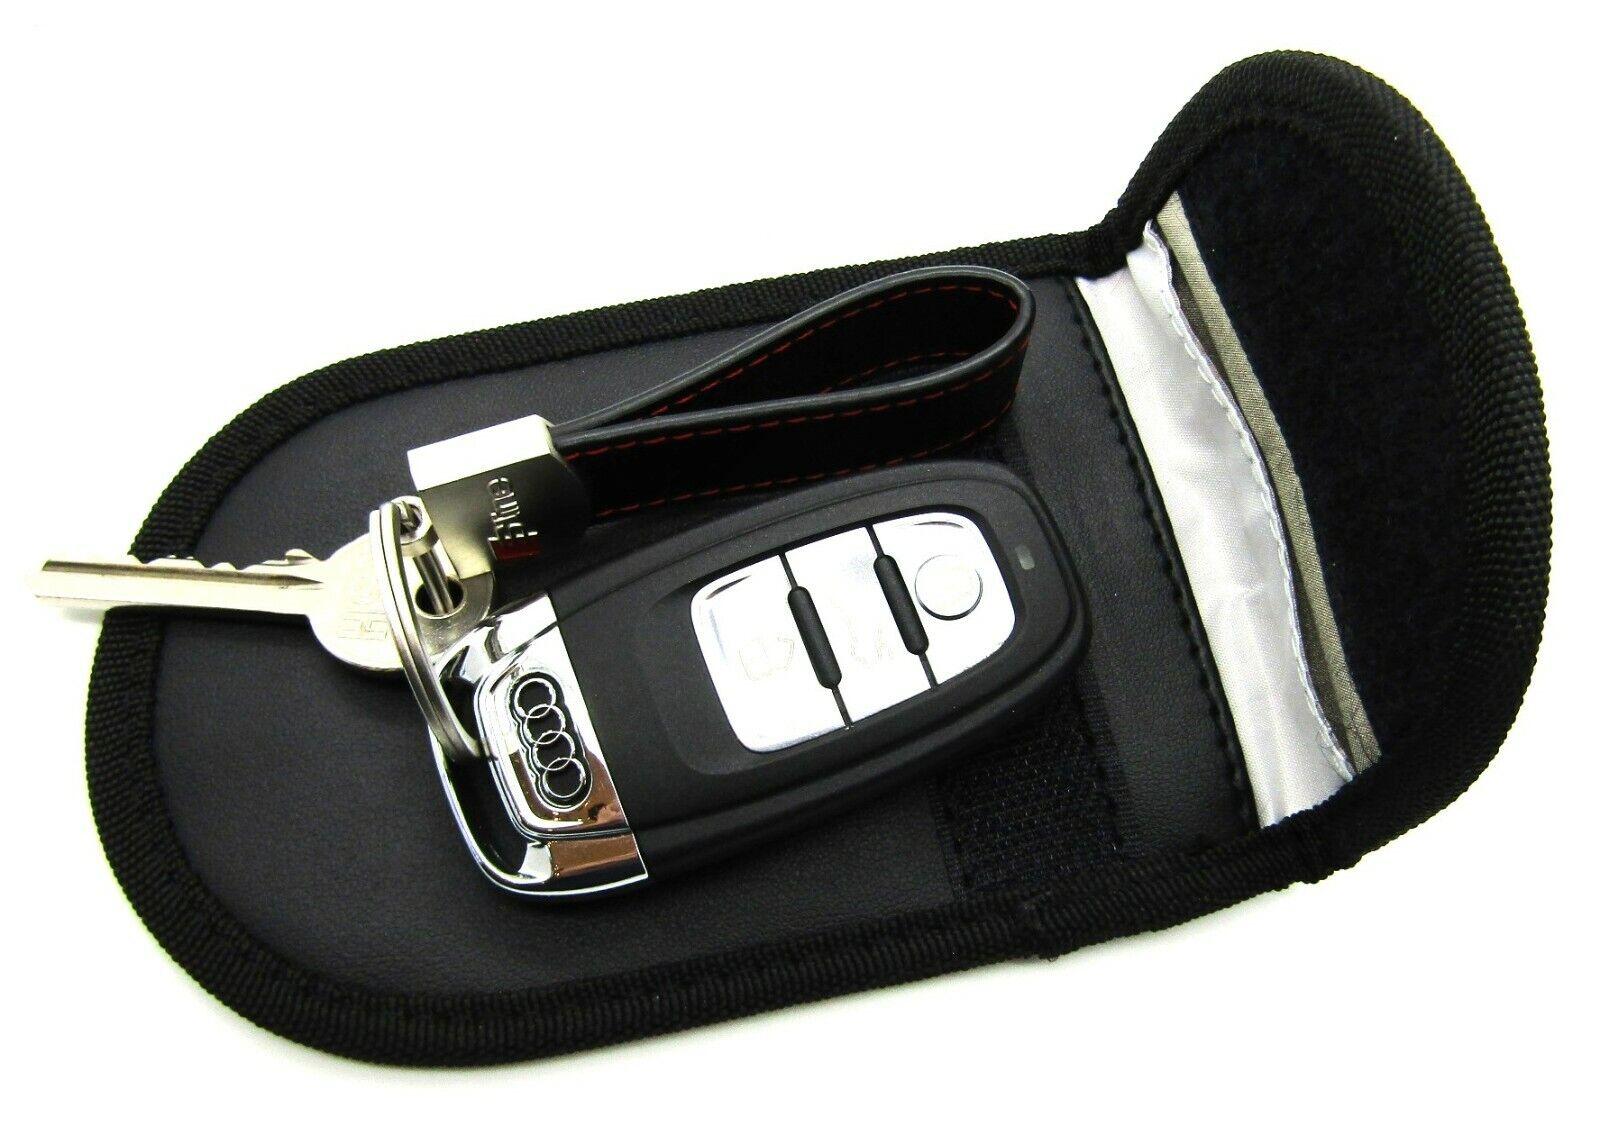 Car Key Signal Blocker Case Faraday Cage Pouch Fob Keyless RFID Black Belt Clip